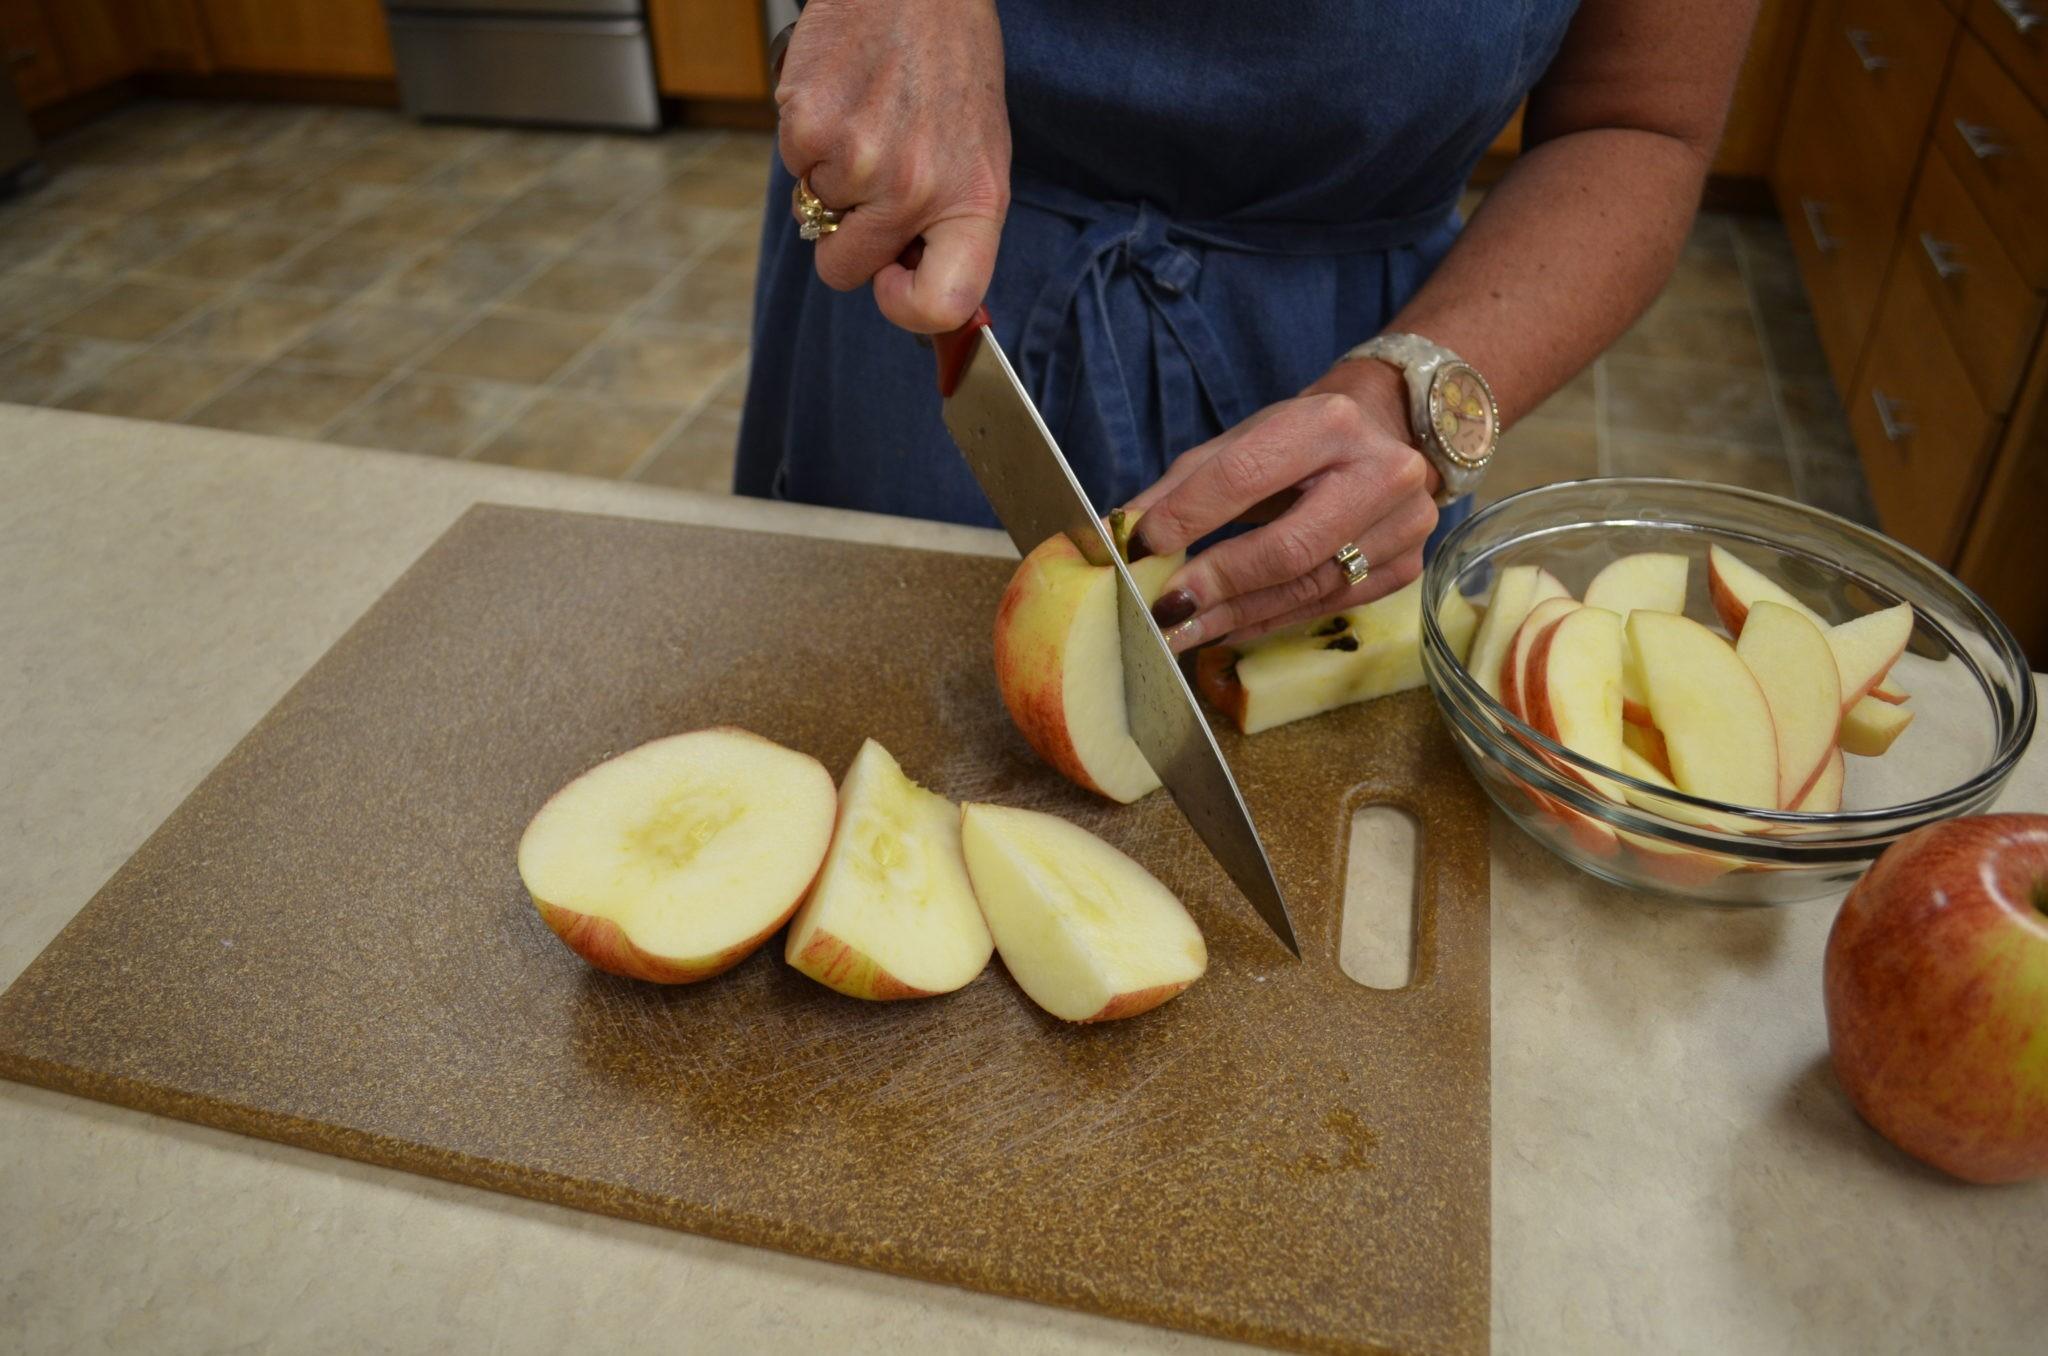 طرق تقطيع الفاكهة لتزيين التورتة - طريقة تقطيع التفاح 2